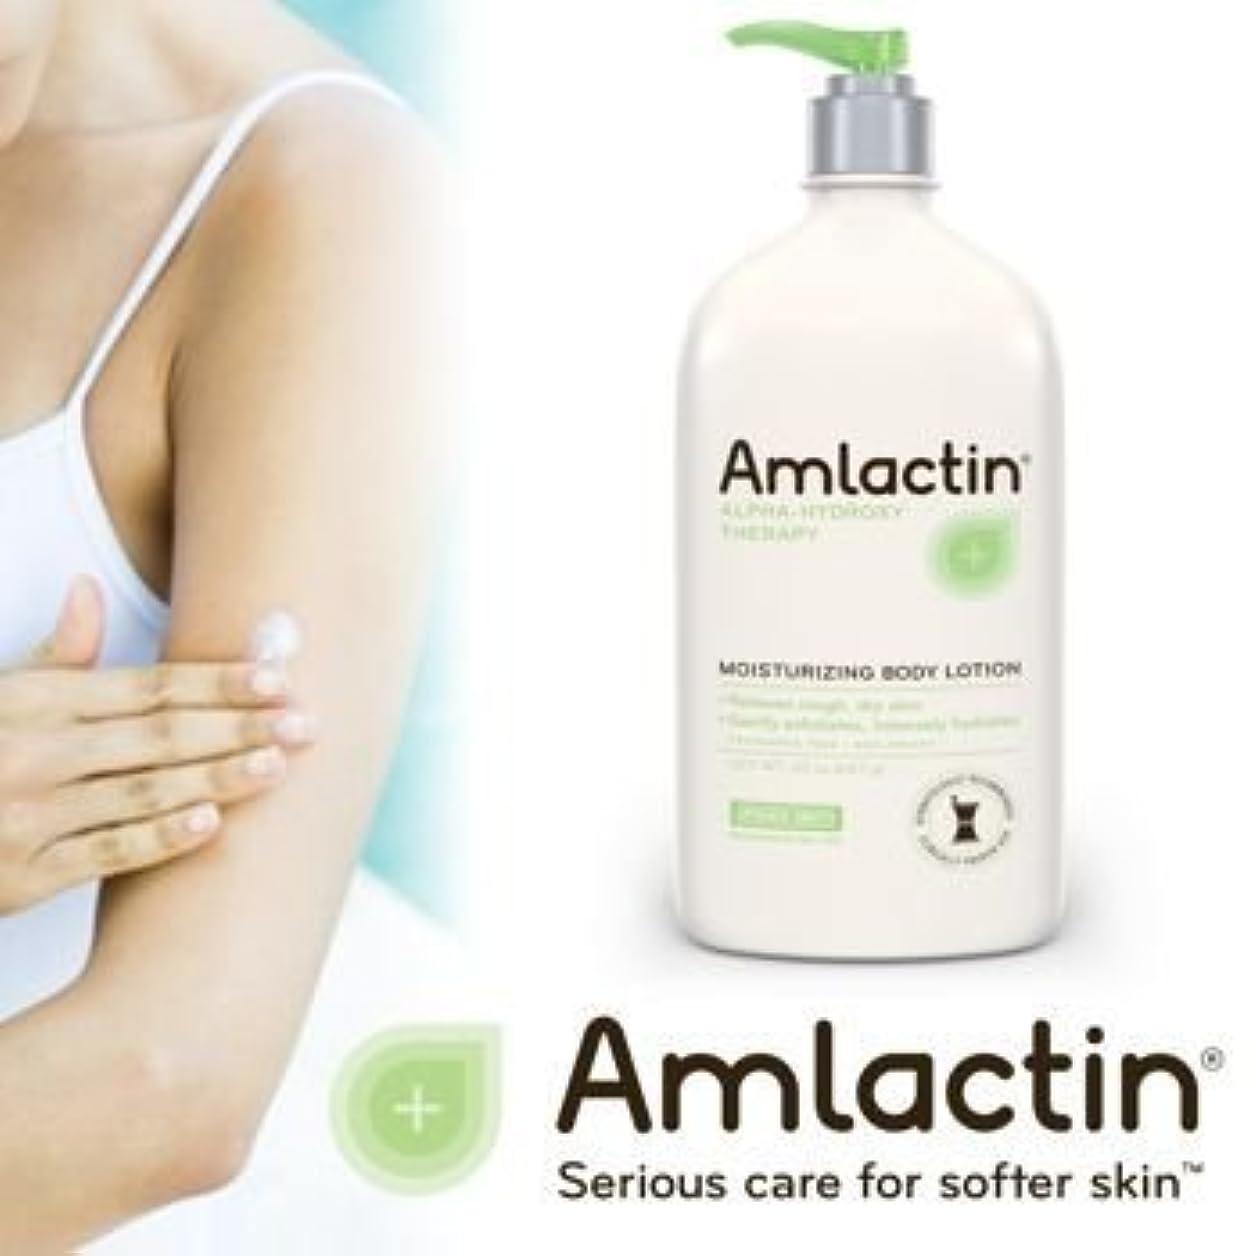 休眠市長マットレスアムラクティン 保湿液 (乾燥肌のため) - 12% 乳酸 - AmLactin 12 % Moisturizing Lotion - 500 g / 17.6 oz (Product packaging may vary)